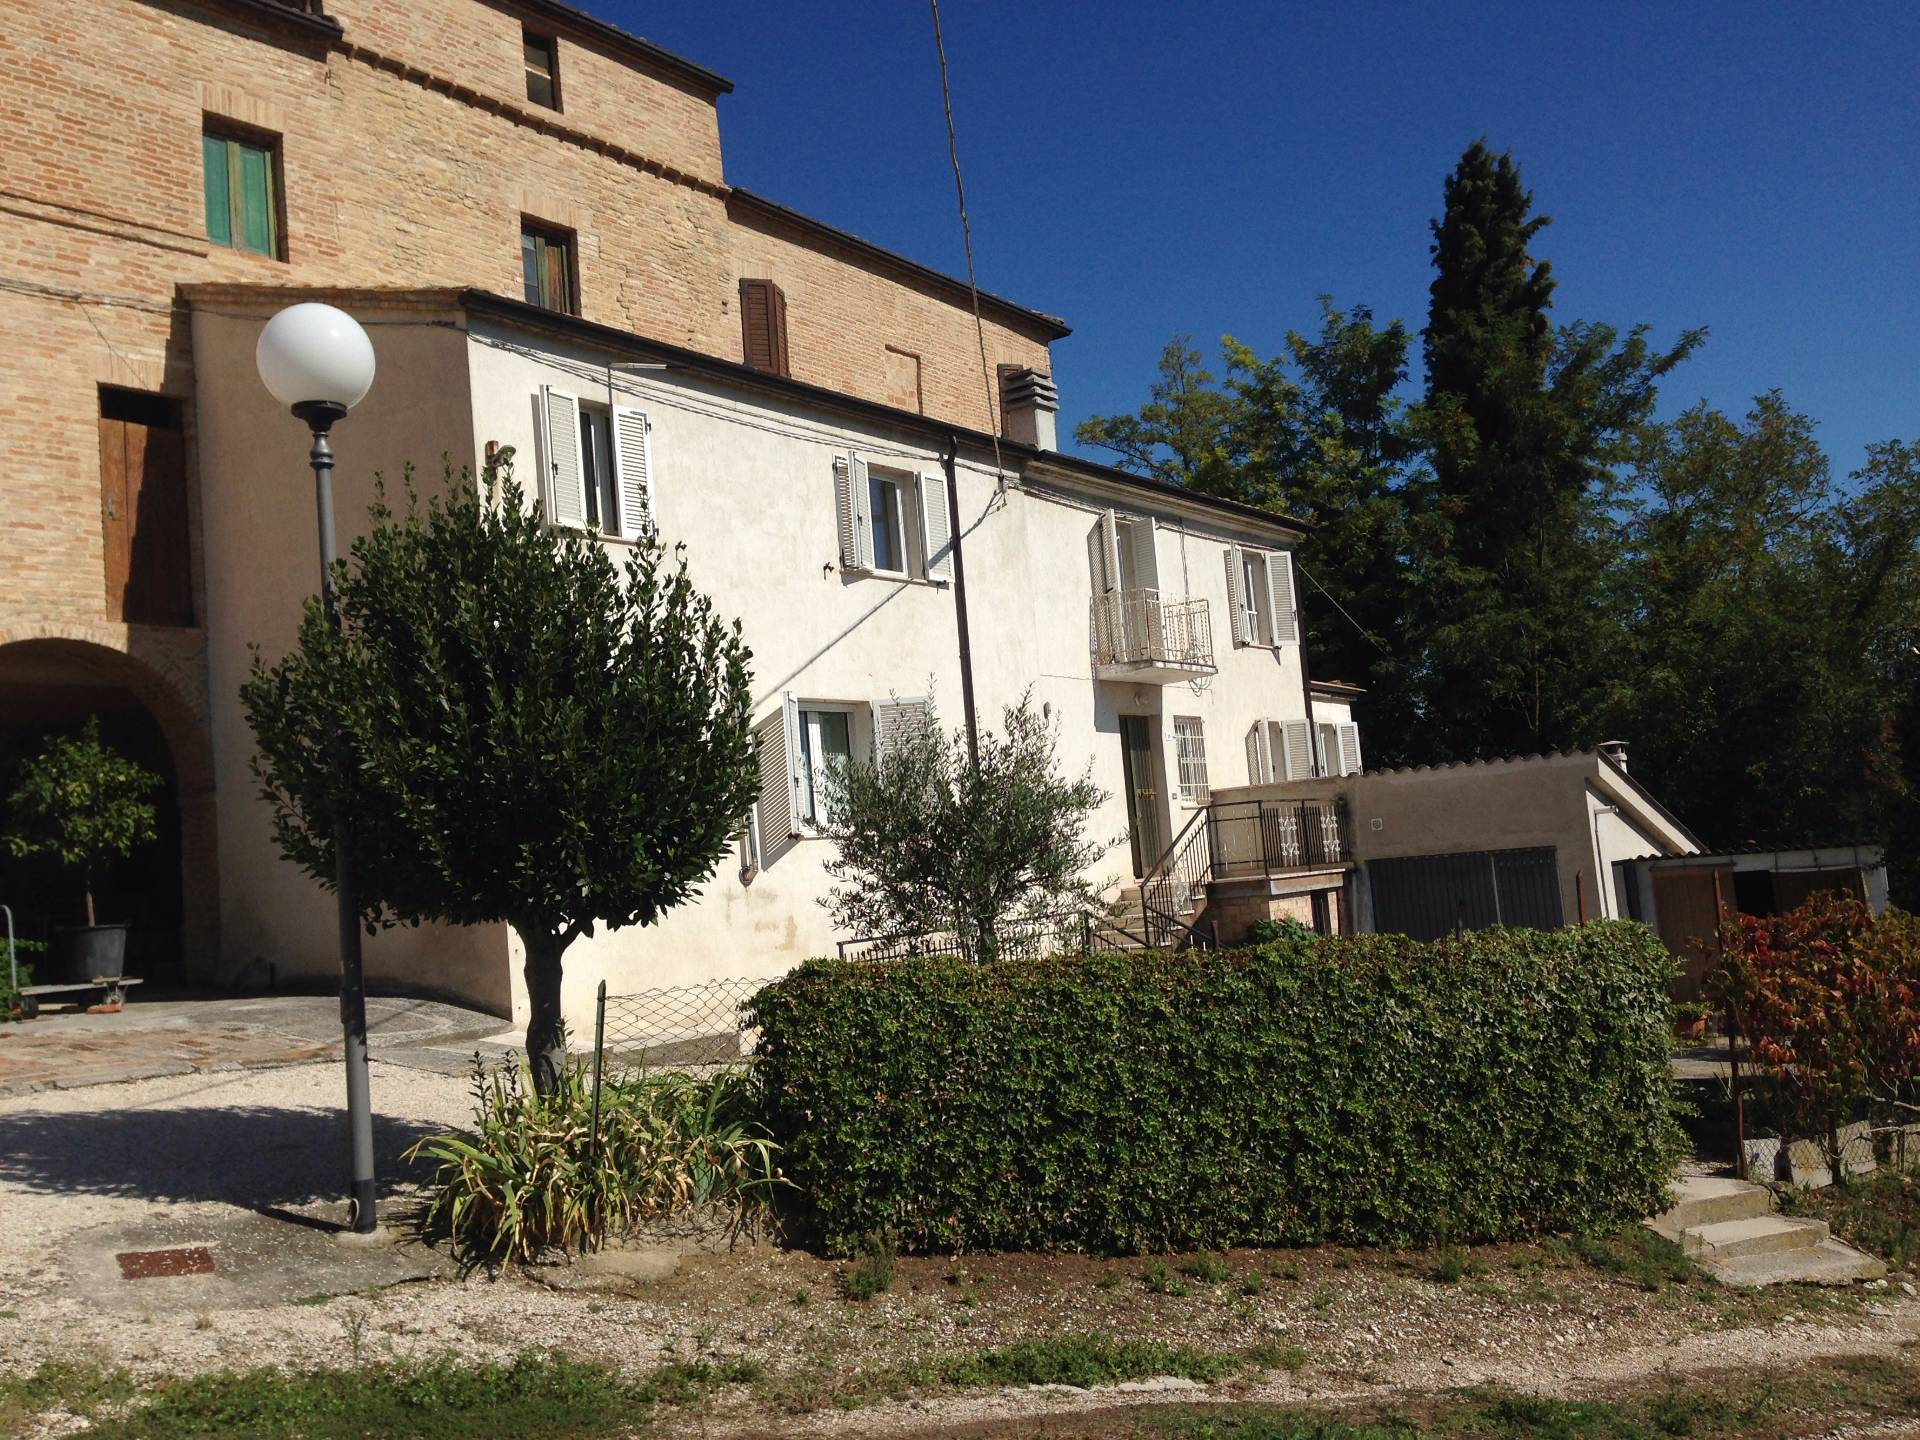 Soluzione Indipendente in vendita a Falerone, 8 locali, prezzo € 120.000 | CambioCasa.it